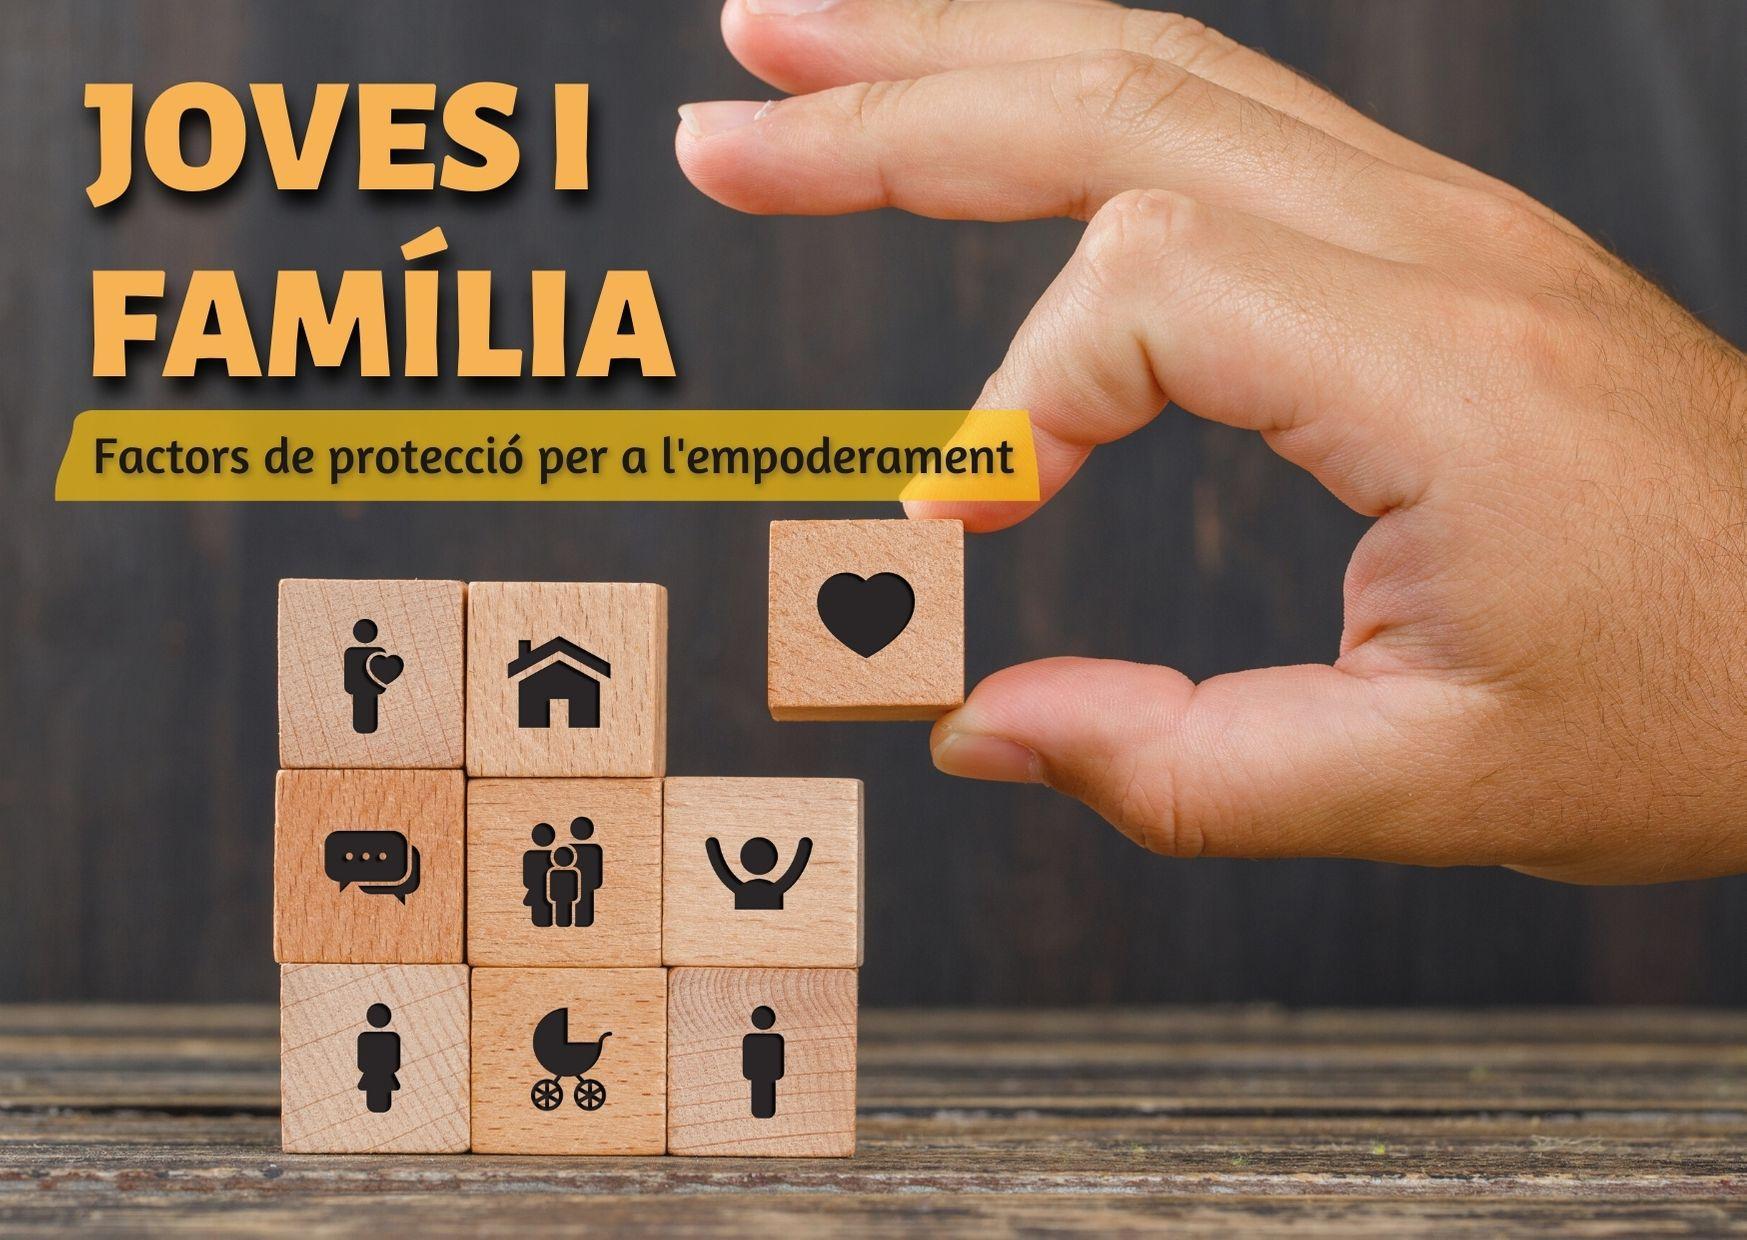 Joves i família. Factors de protecció per a l'empoderament.